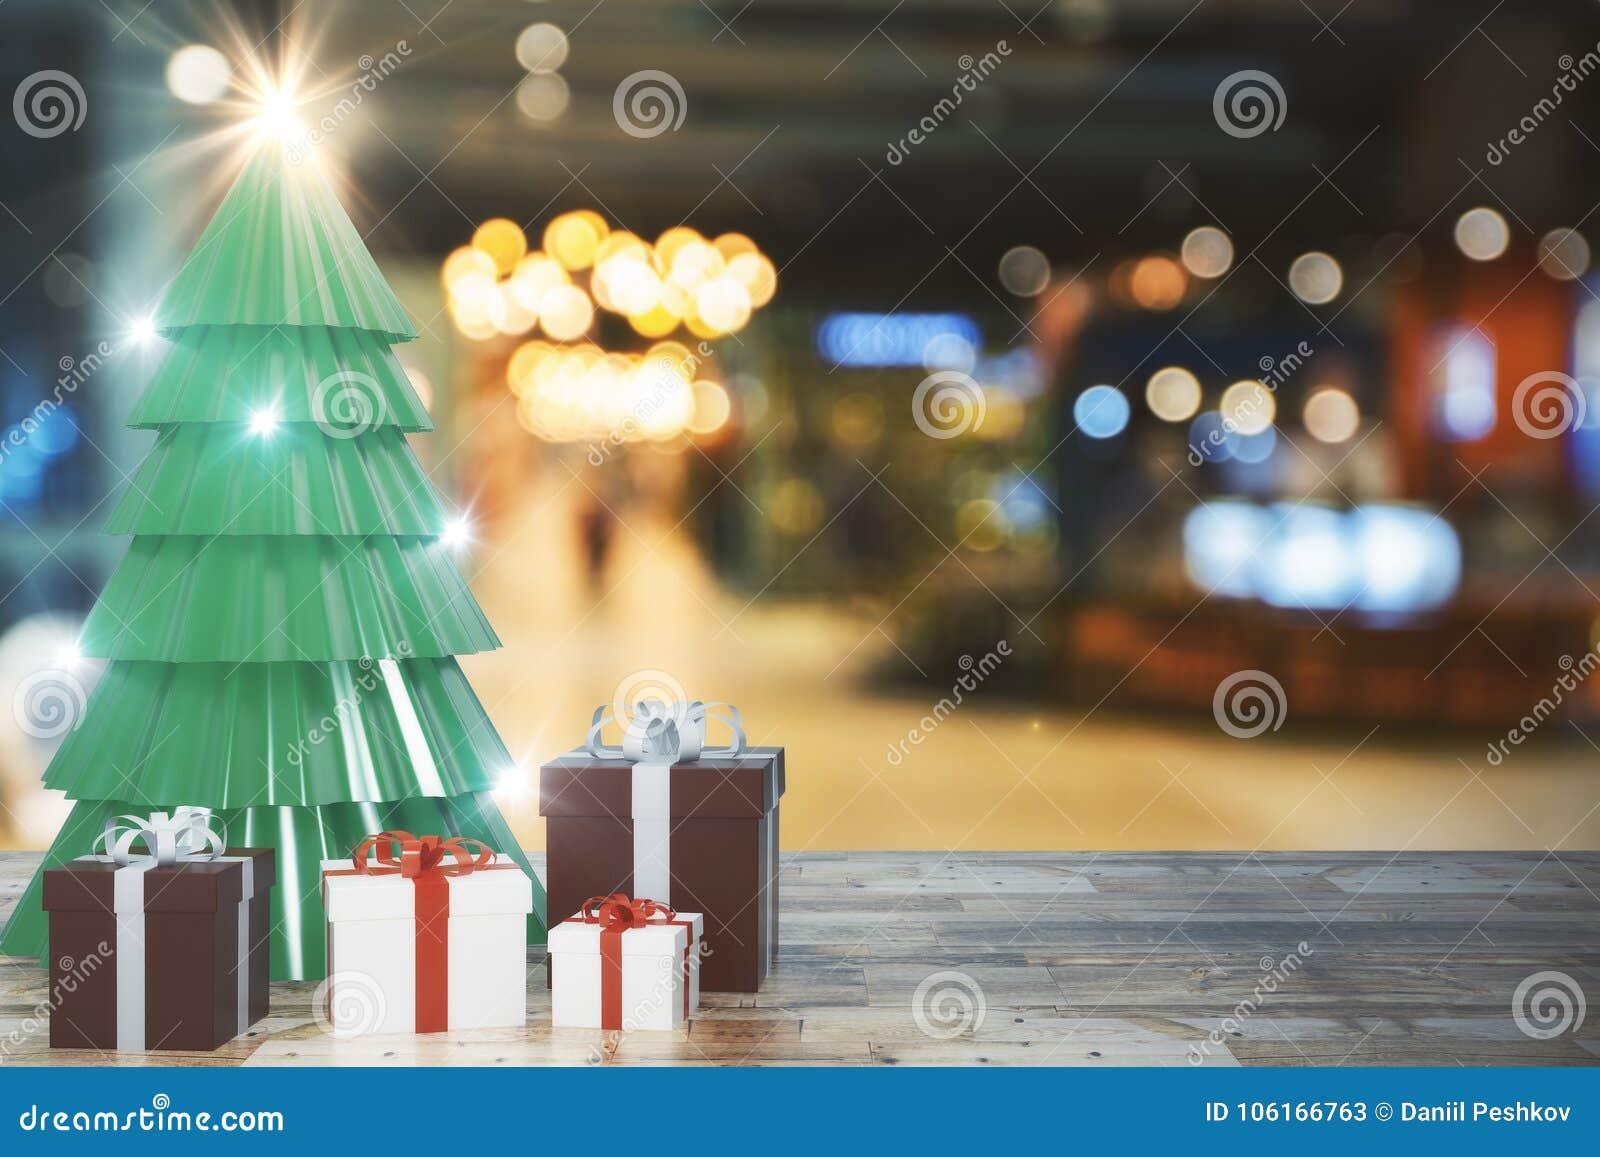 Δημιουργικό σκηνικό χριστουγεννιάτικων δέντρων